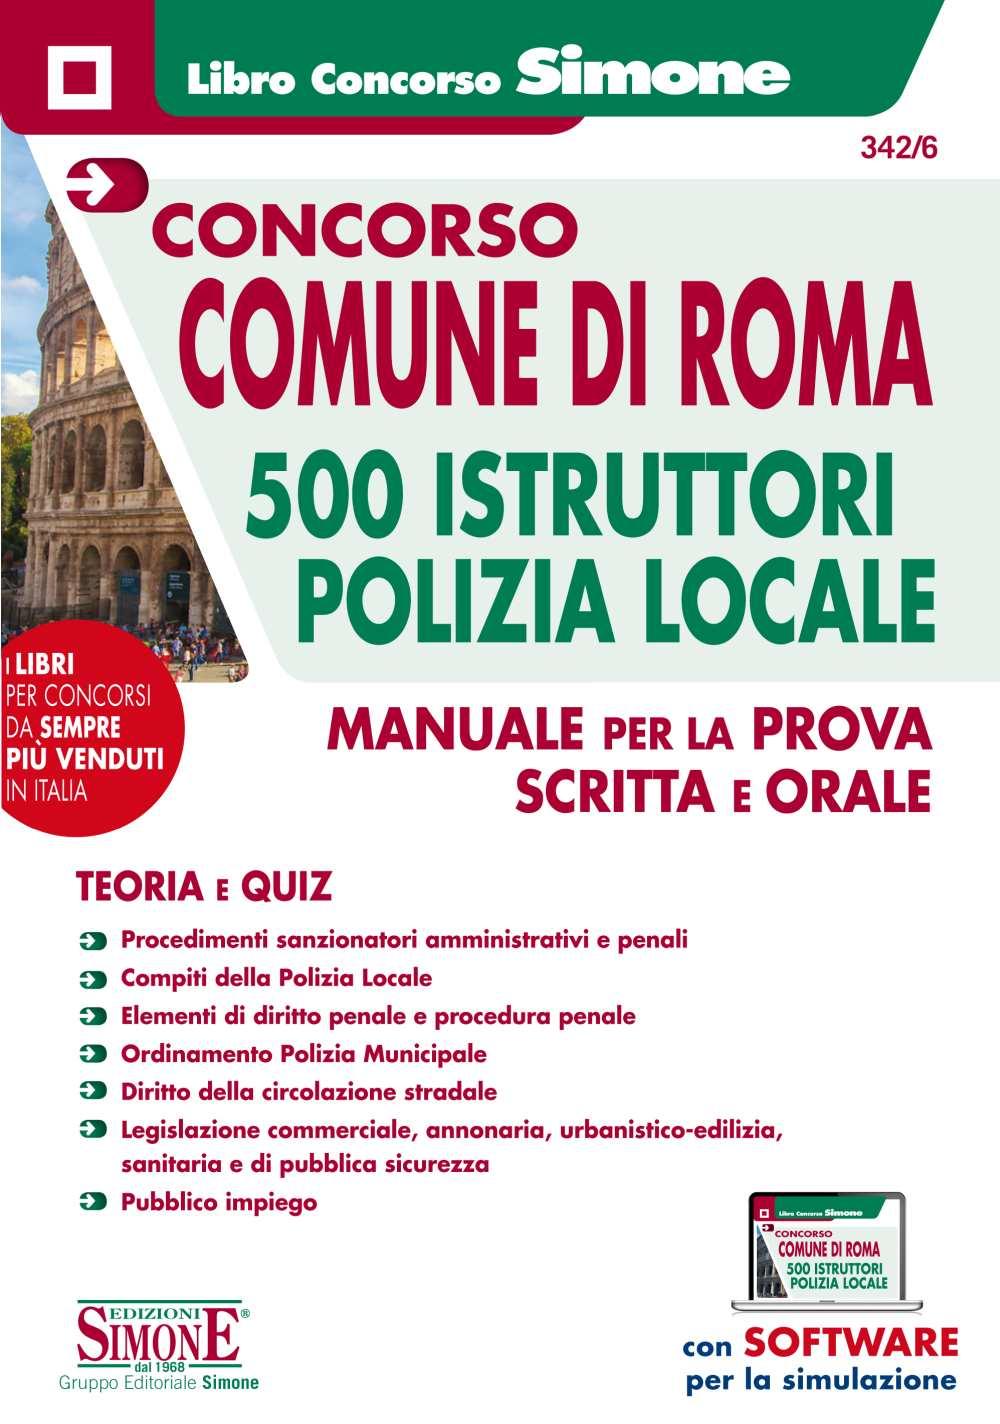 Concorso Comune di Roma 500 Istruttori Polizia Locale - Manuale per la  prova scritta e orale - Teoria e Quiz - Edizioni Simone